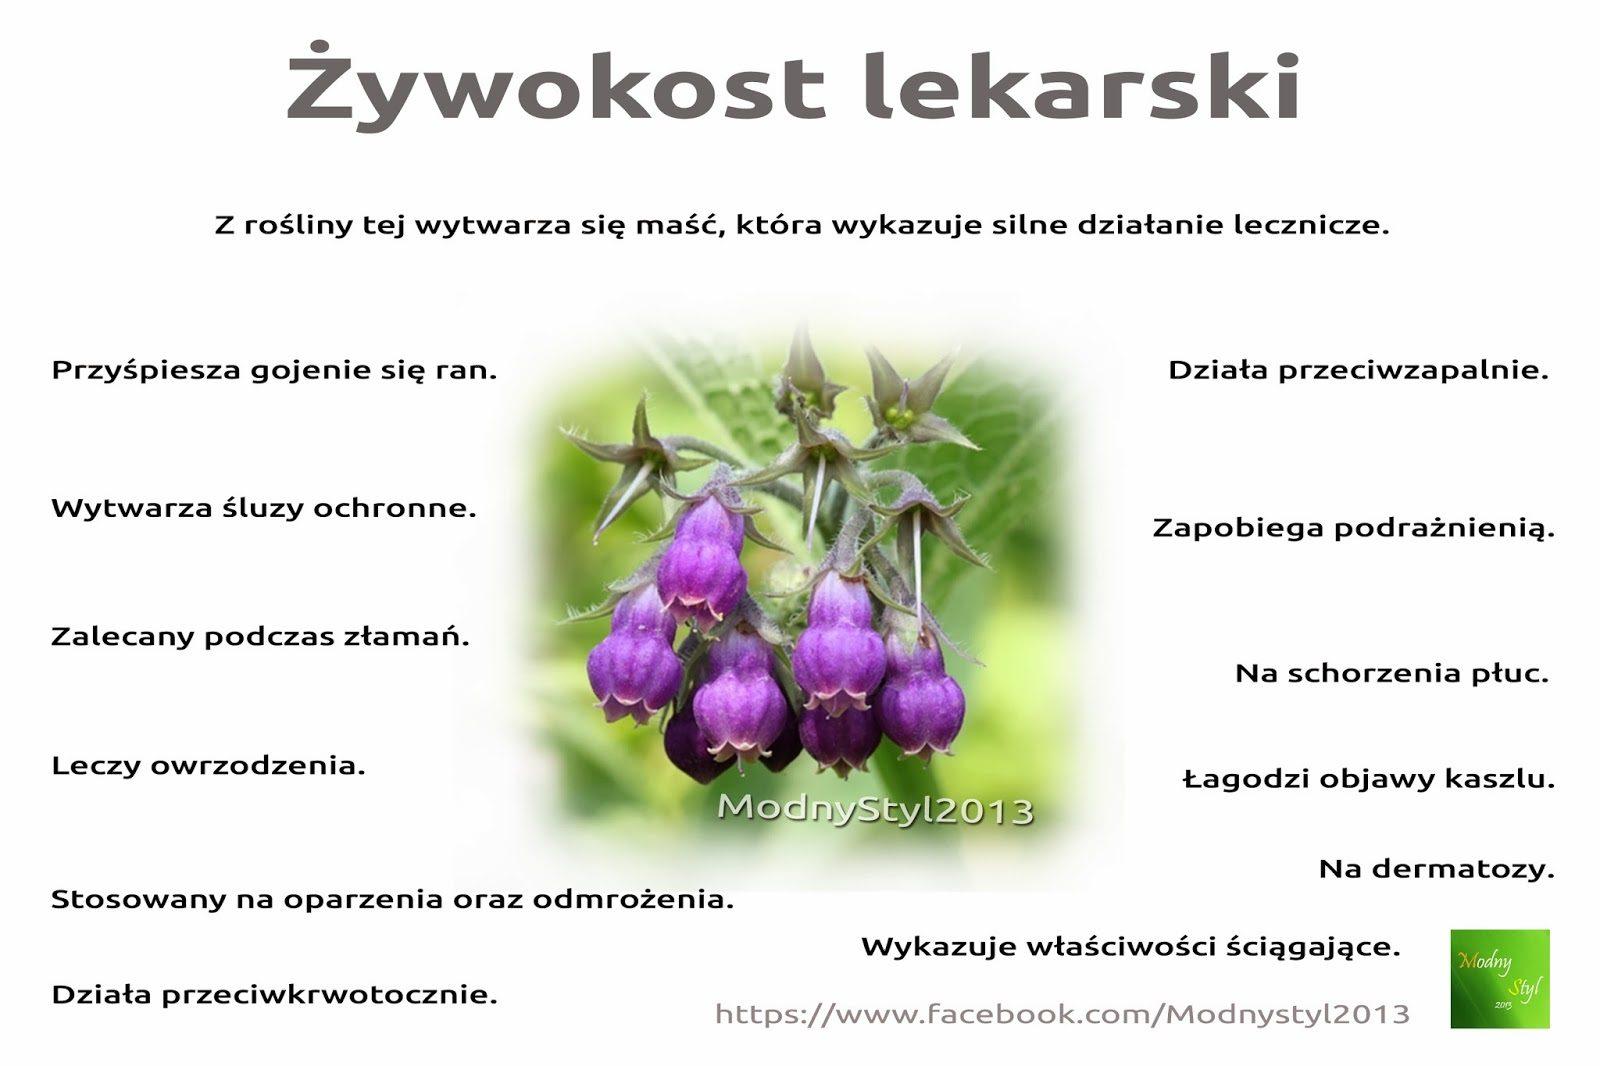 c5bcywokostlekarski-2118407